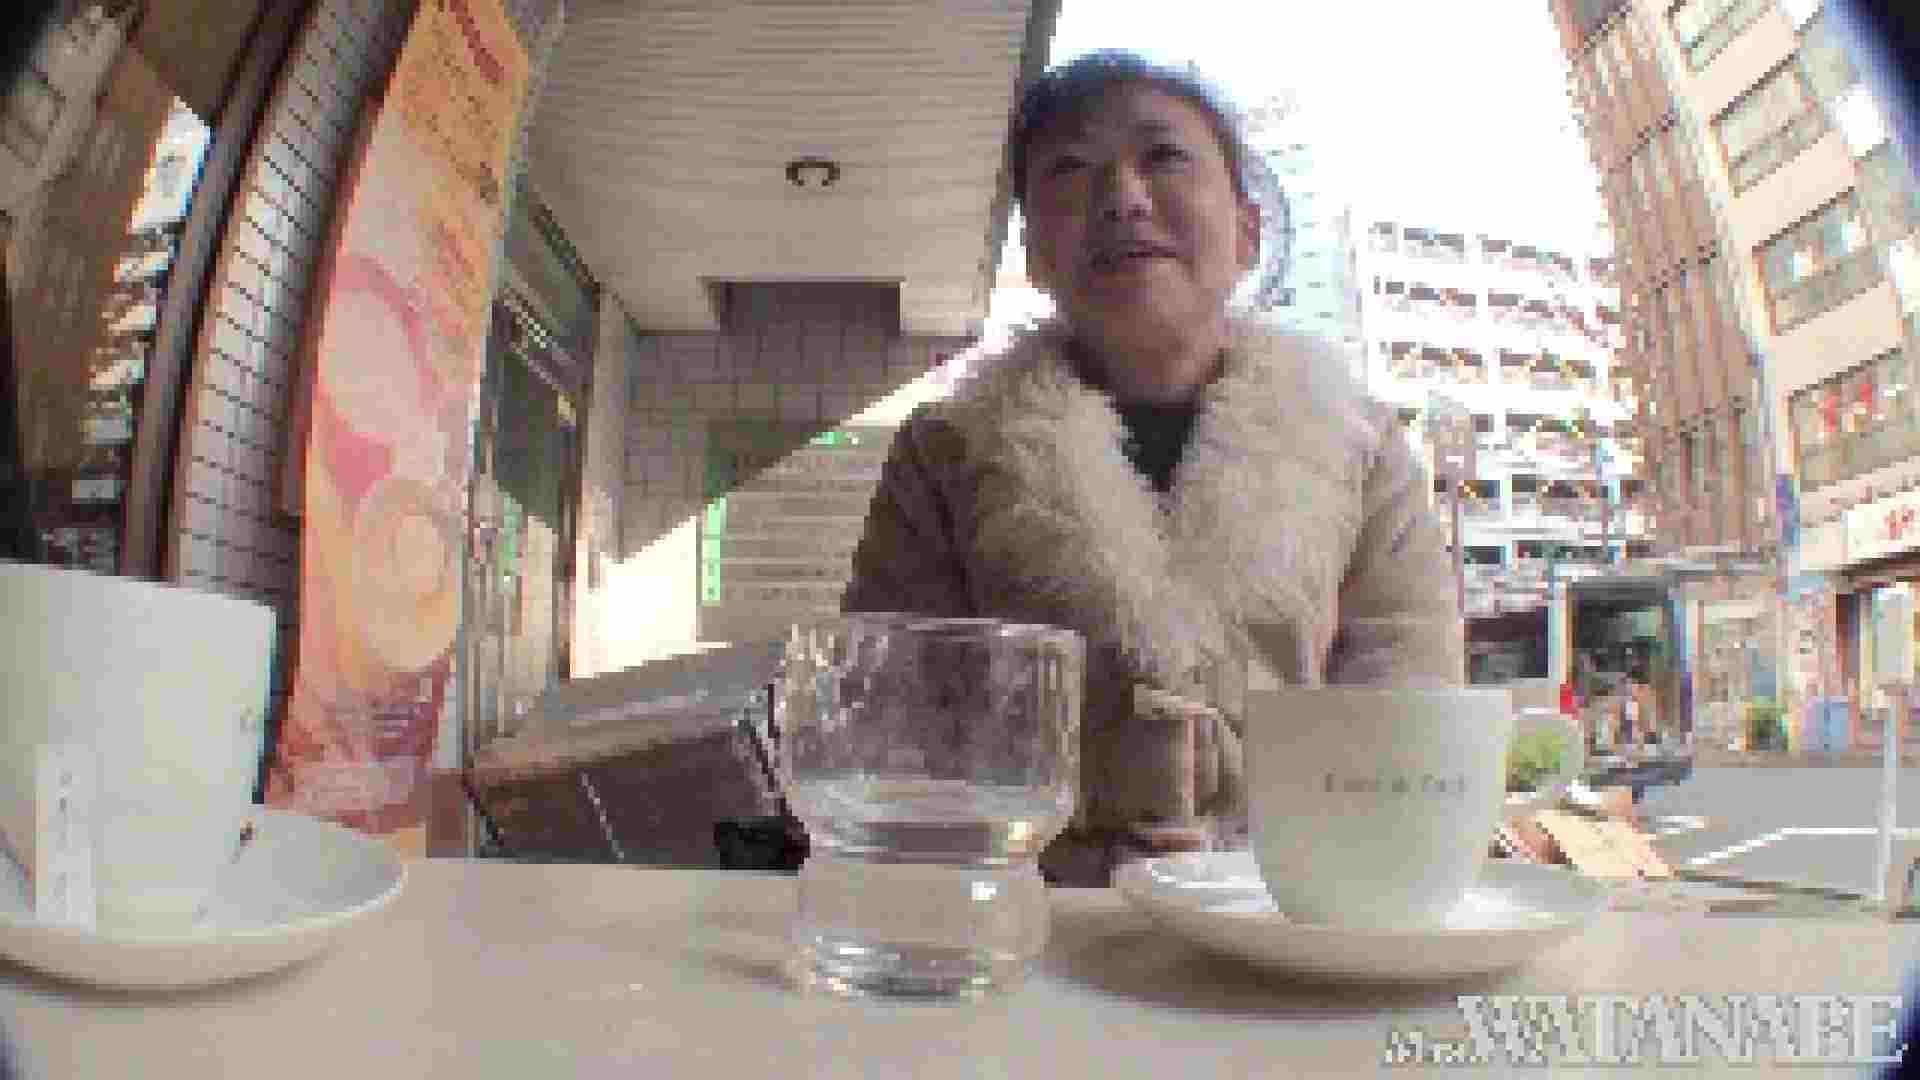 撮影スタッフを誘惑する痴熟女 かおり40歳 Vol.01 素人丸裸 戯れ無修正画像 105pic 44